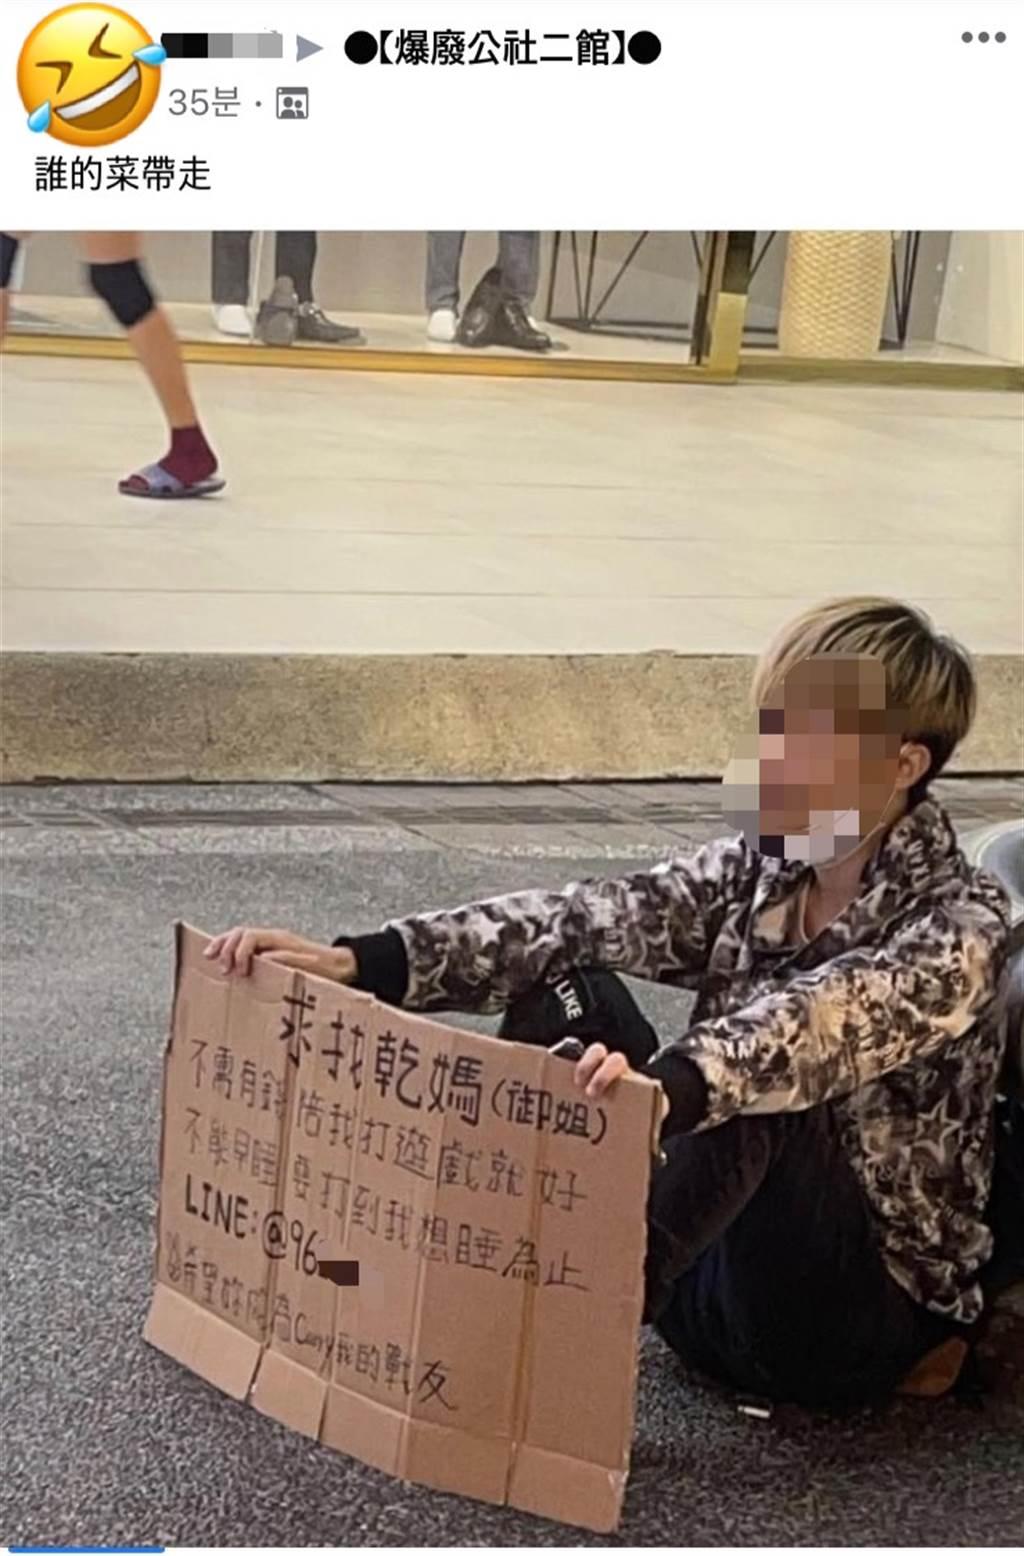 有網友發現一名小鮮肉在西門町街頭尋找乾媽。(圖擷取自爆廢公社二館)